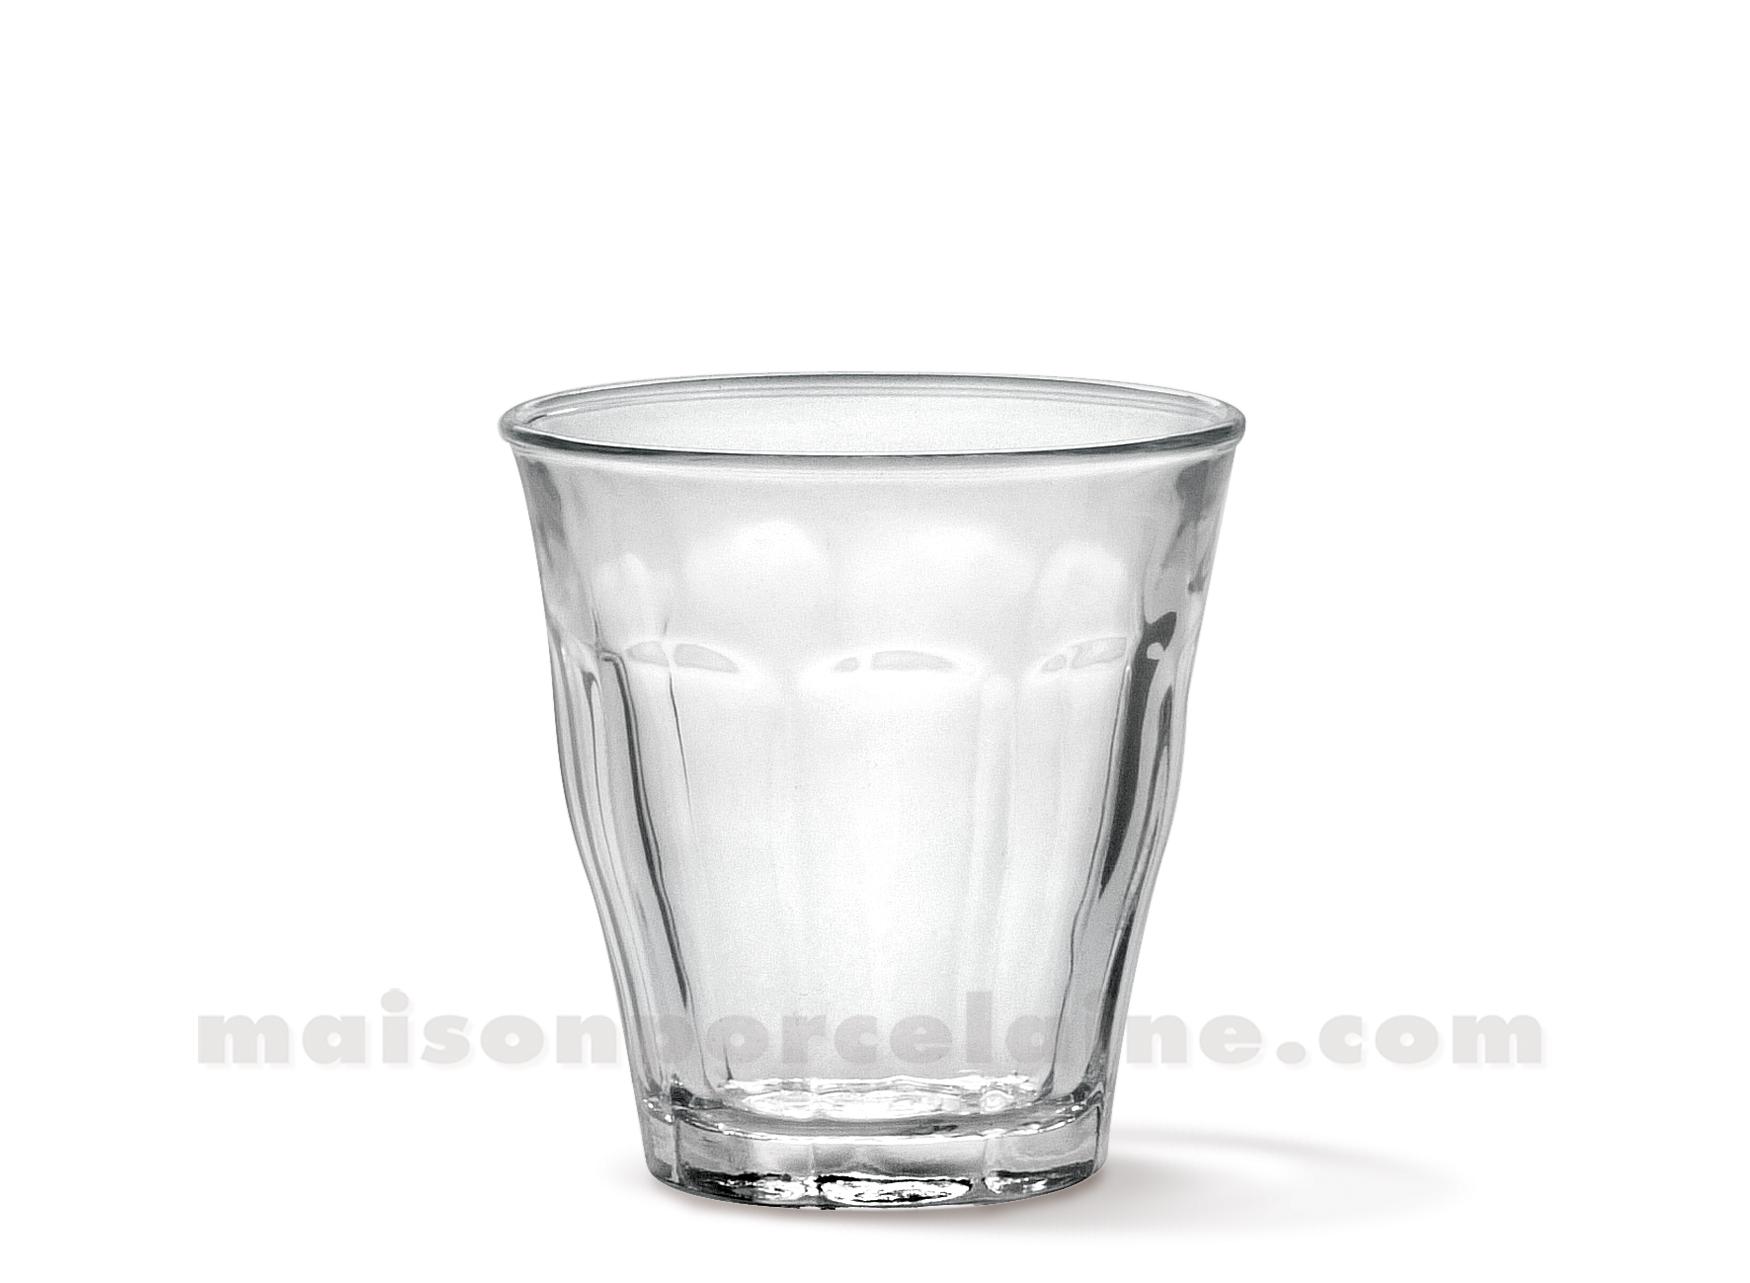 Goblet duralex picardie 9 cl verre trempe coffret de 6 maison de la por - Verre picardie duralex ...